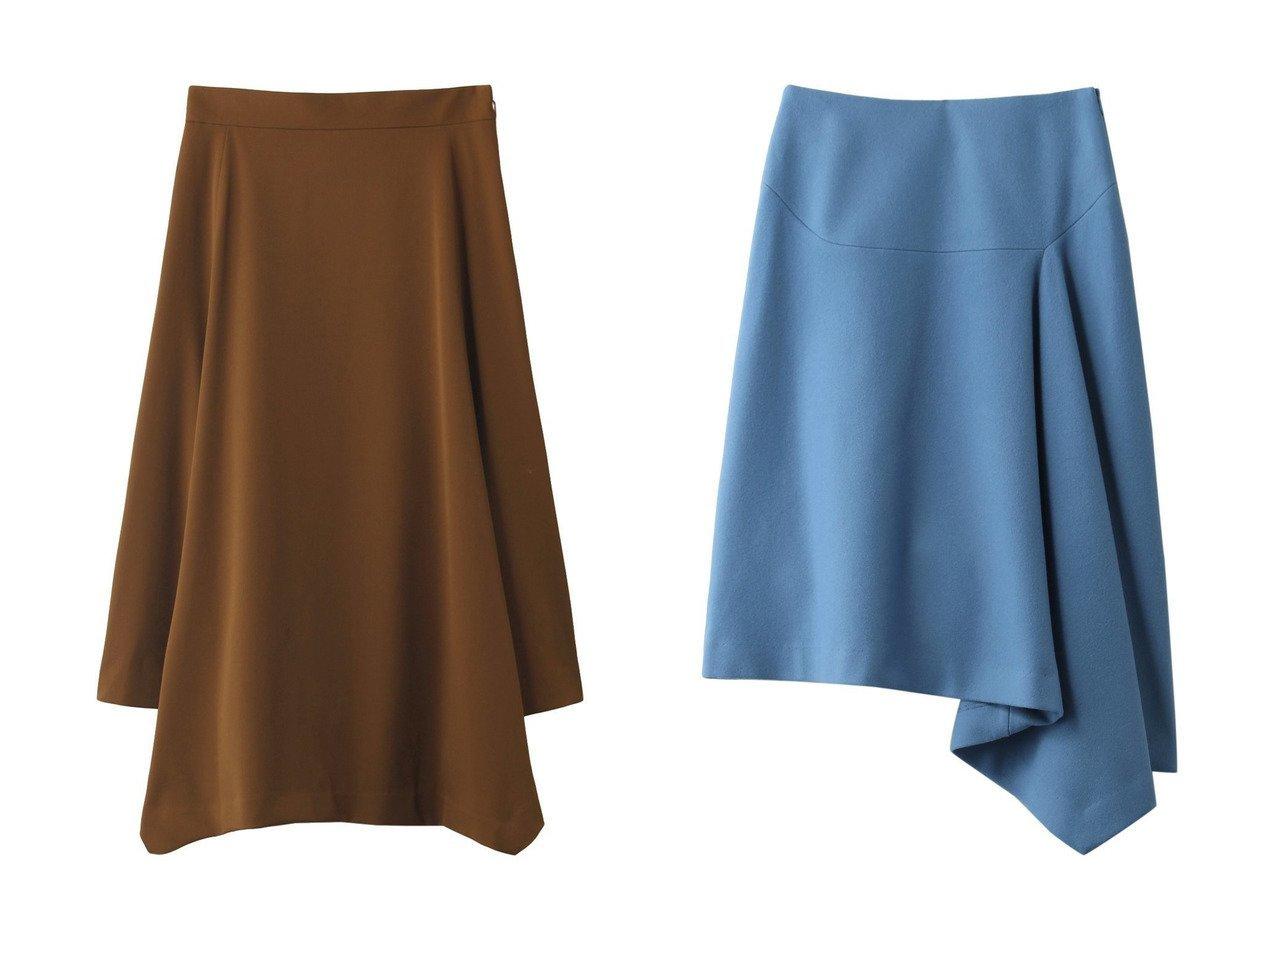 【heliopole/エリオポール】のストレッチギャバ 台形ヘムスカート&メルトンアシンメトリーヘムスカート heliopoleのおすすめ!人気、トレンド・レディースファッションの通販 おすすめで人気の流行・トレンド、ファッションの通販商品 メンズファッション・キッズファッション・インテリア・家具・レディースファッション・服の通販 founy(ファニー) https://founy.com/ ファッション Fashion レディースファッション WOMEN スカート Skirt ロングスカート Long Skirt シンプル ヘムライン ロング 台形 アシンメトリー イレギュラーヘム トレンド フレア フロント メルトン  ID:crp329100000016725